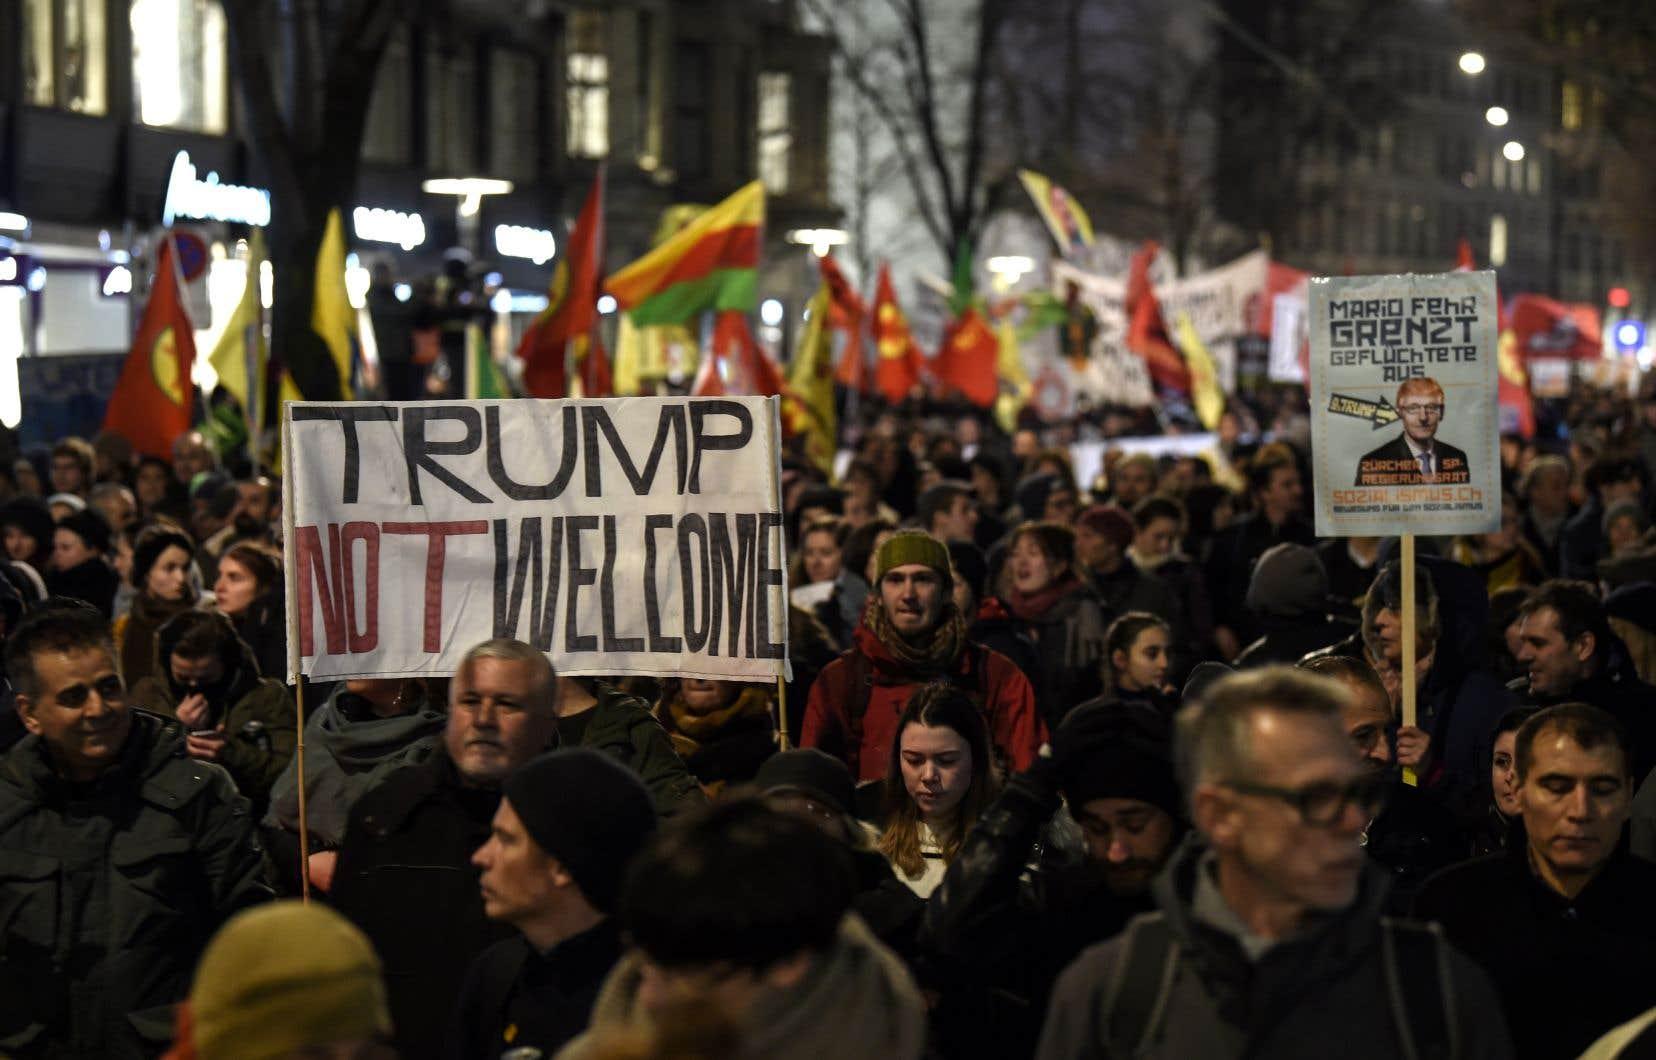 Des gens manifestent à Zurich, mardi, contre la présence du président Donald Trump au Forum économique mondial.